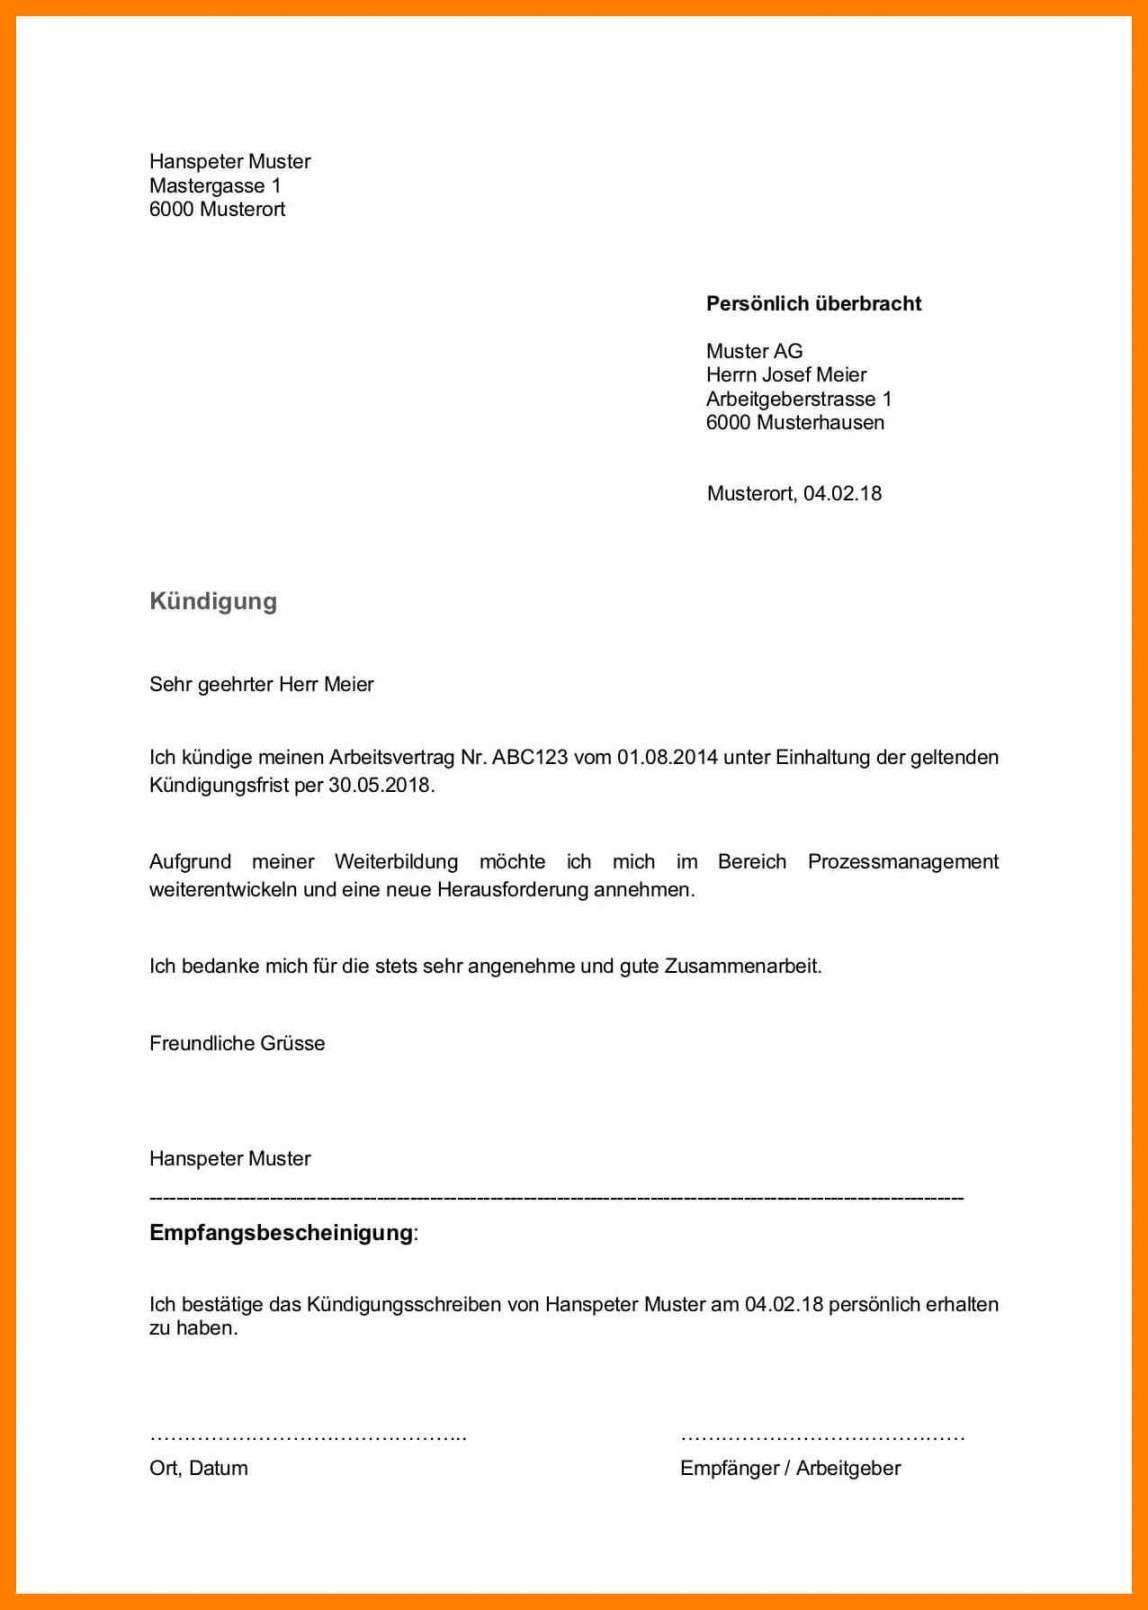 Arbeitsvertrag Aushilfe Vorlage In 2020 Handyvertrag Aushilfe Vorlagen